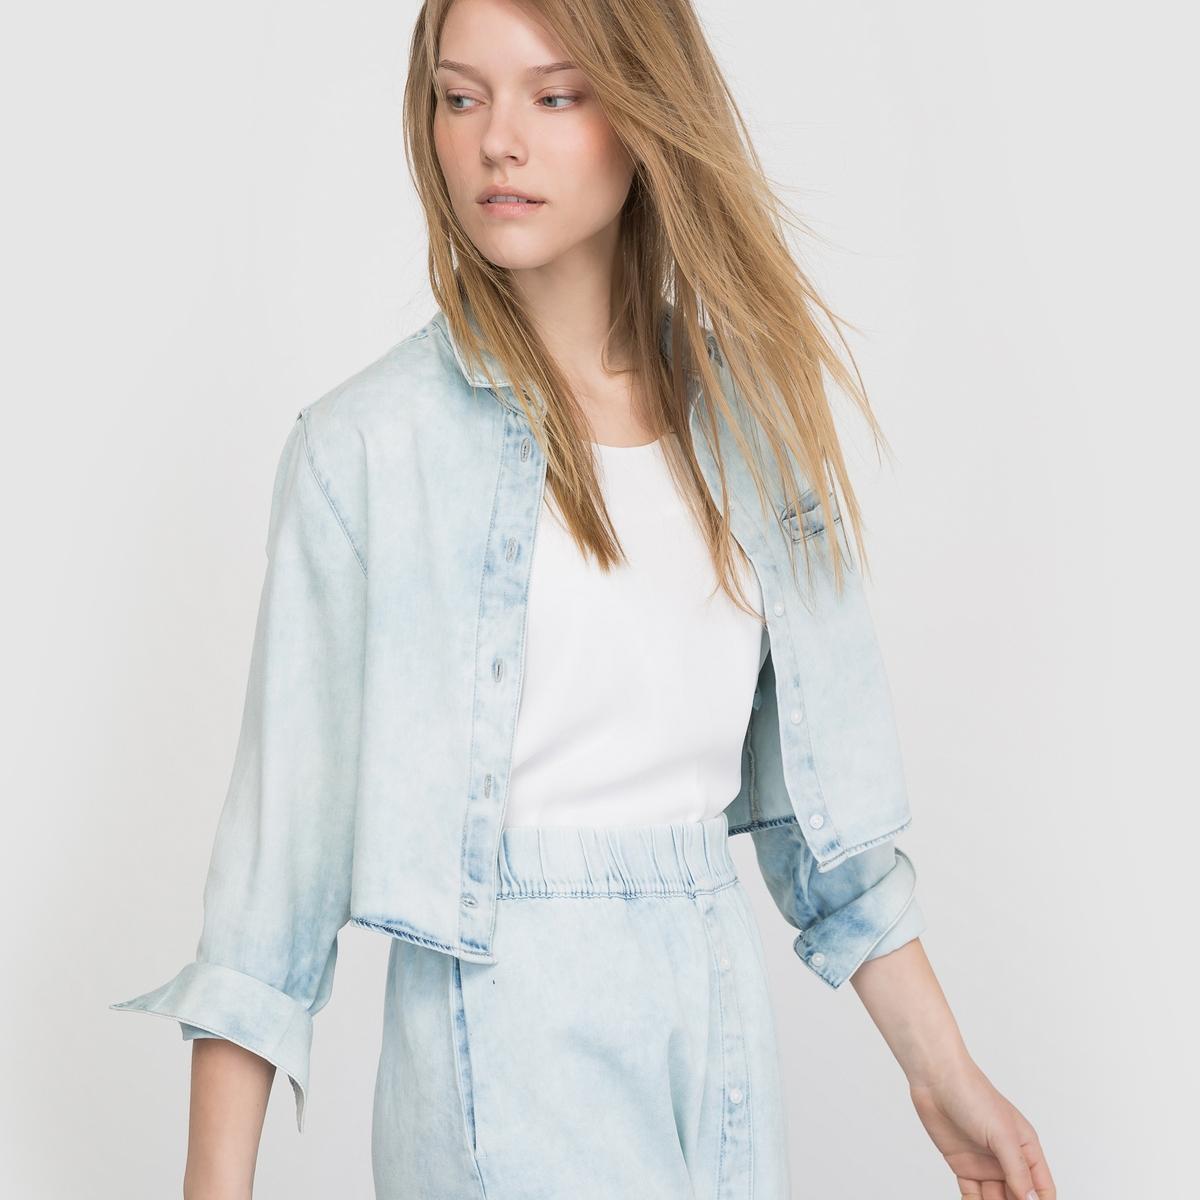 Рубашка с длинными рукавамиХарактеристики и детали       Материал: 100% хлопка.       Марка: CHEAP MONDAY.<br><br>Цвет: голубой выбеленный